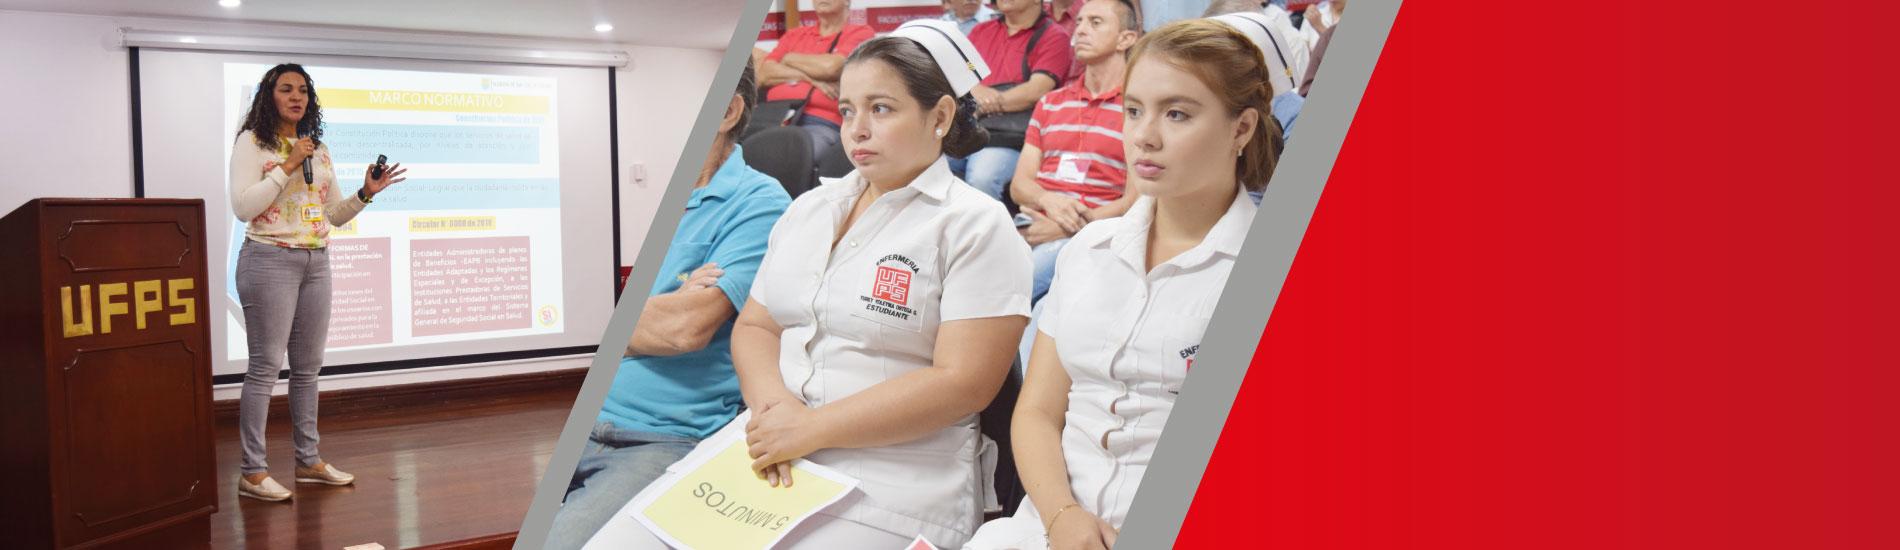 """Programa de Enfermería realizó el Encuentro: """"Empoderamiento desde la Academia un Reto para el Desarrollo de Habilidades y Capacidades Humanas"""""""